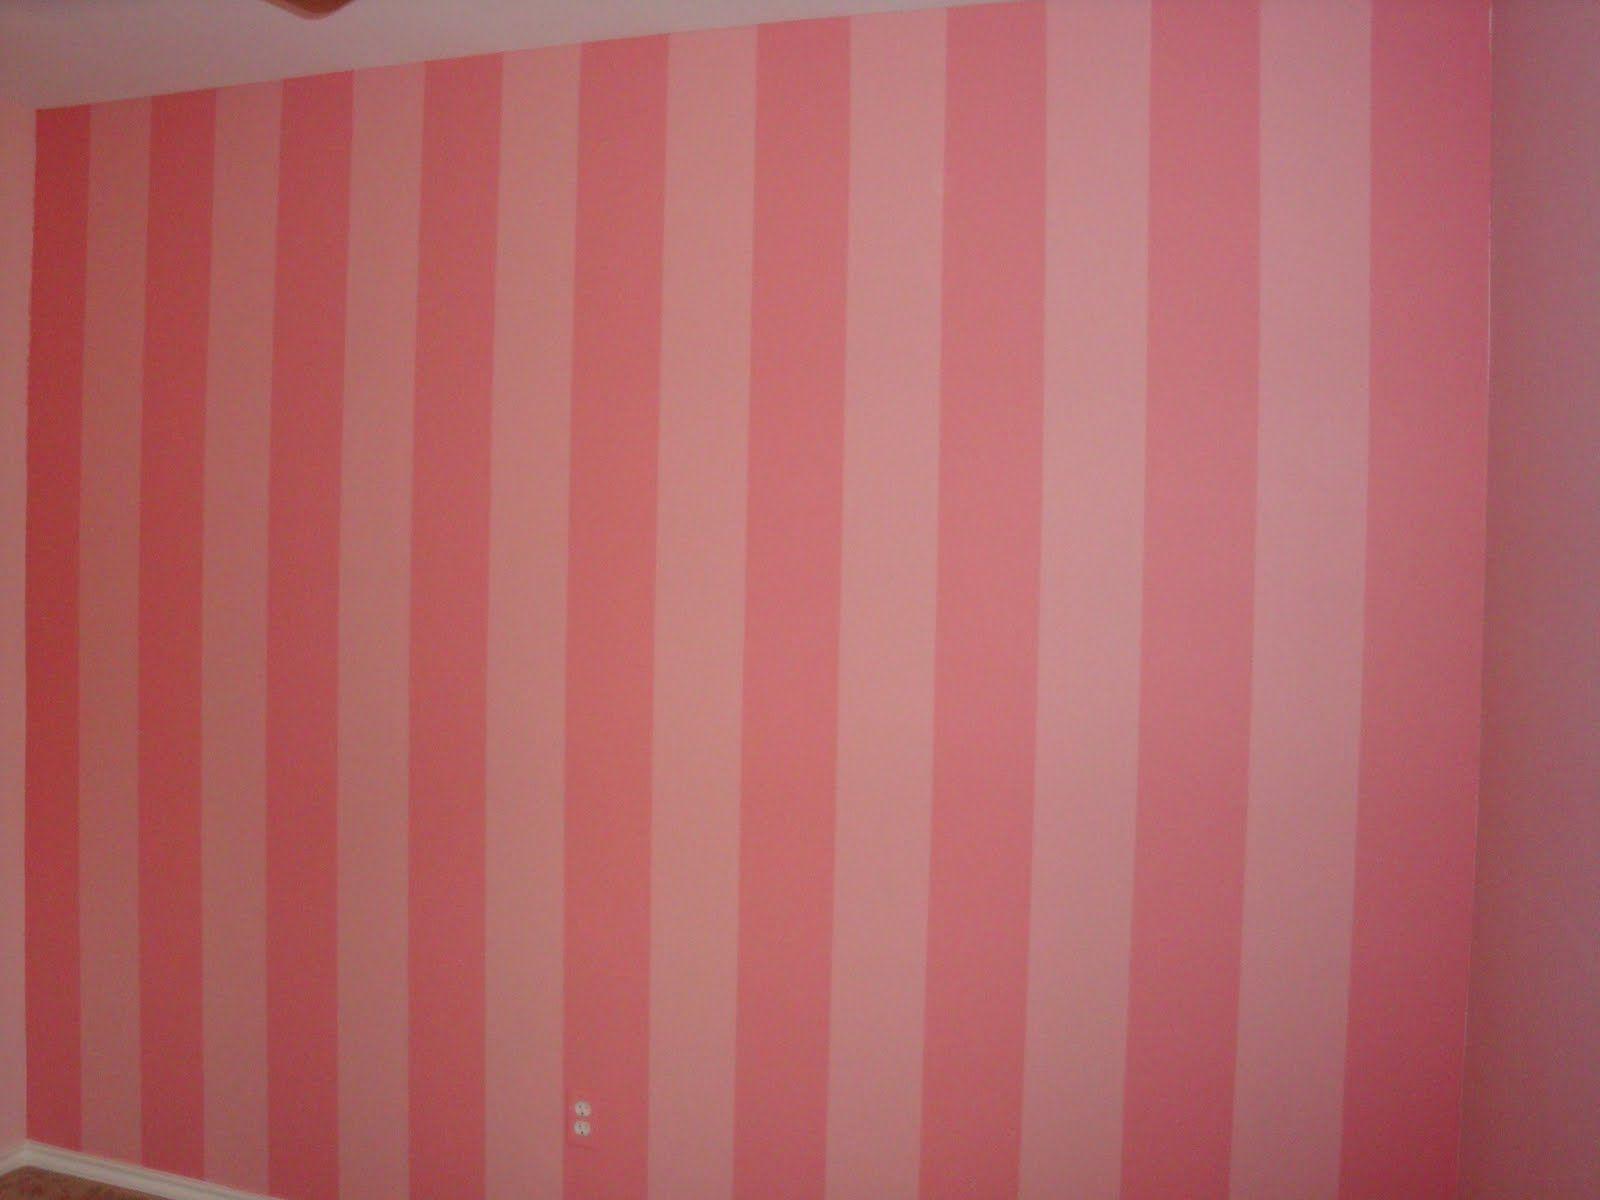 Badezimmerdesign für mädchen pink striped walls  my children  pinterest